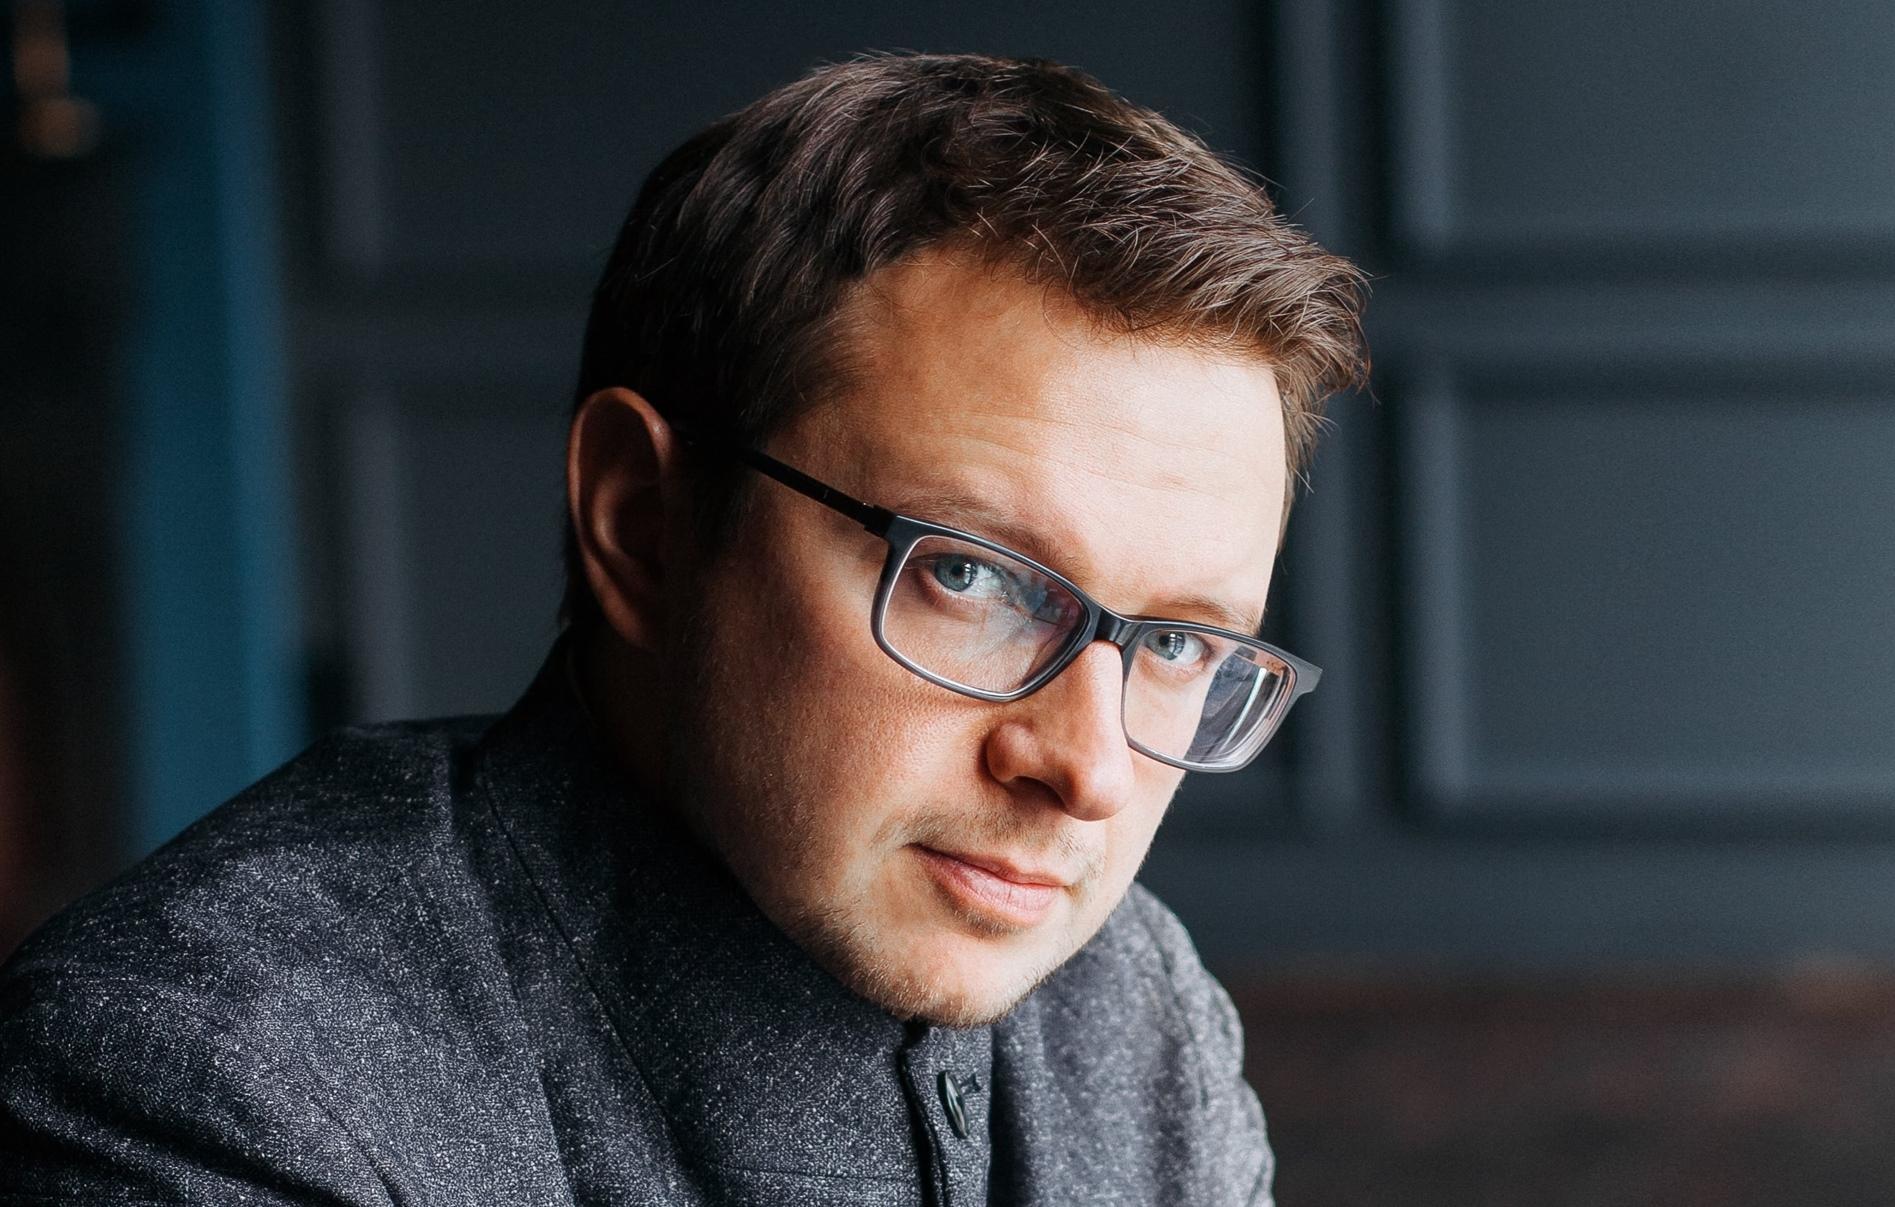 Андрей Жельветро, мужской психолог, автор и ведущий мужского курса Фундамент, укрепляющий характер